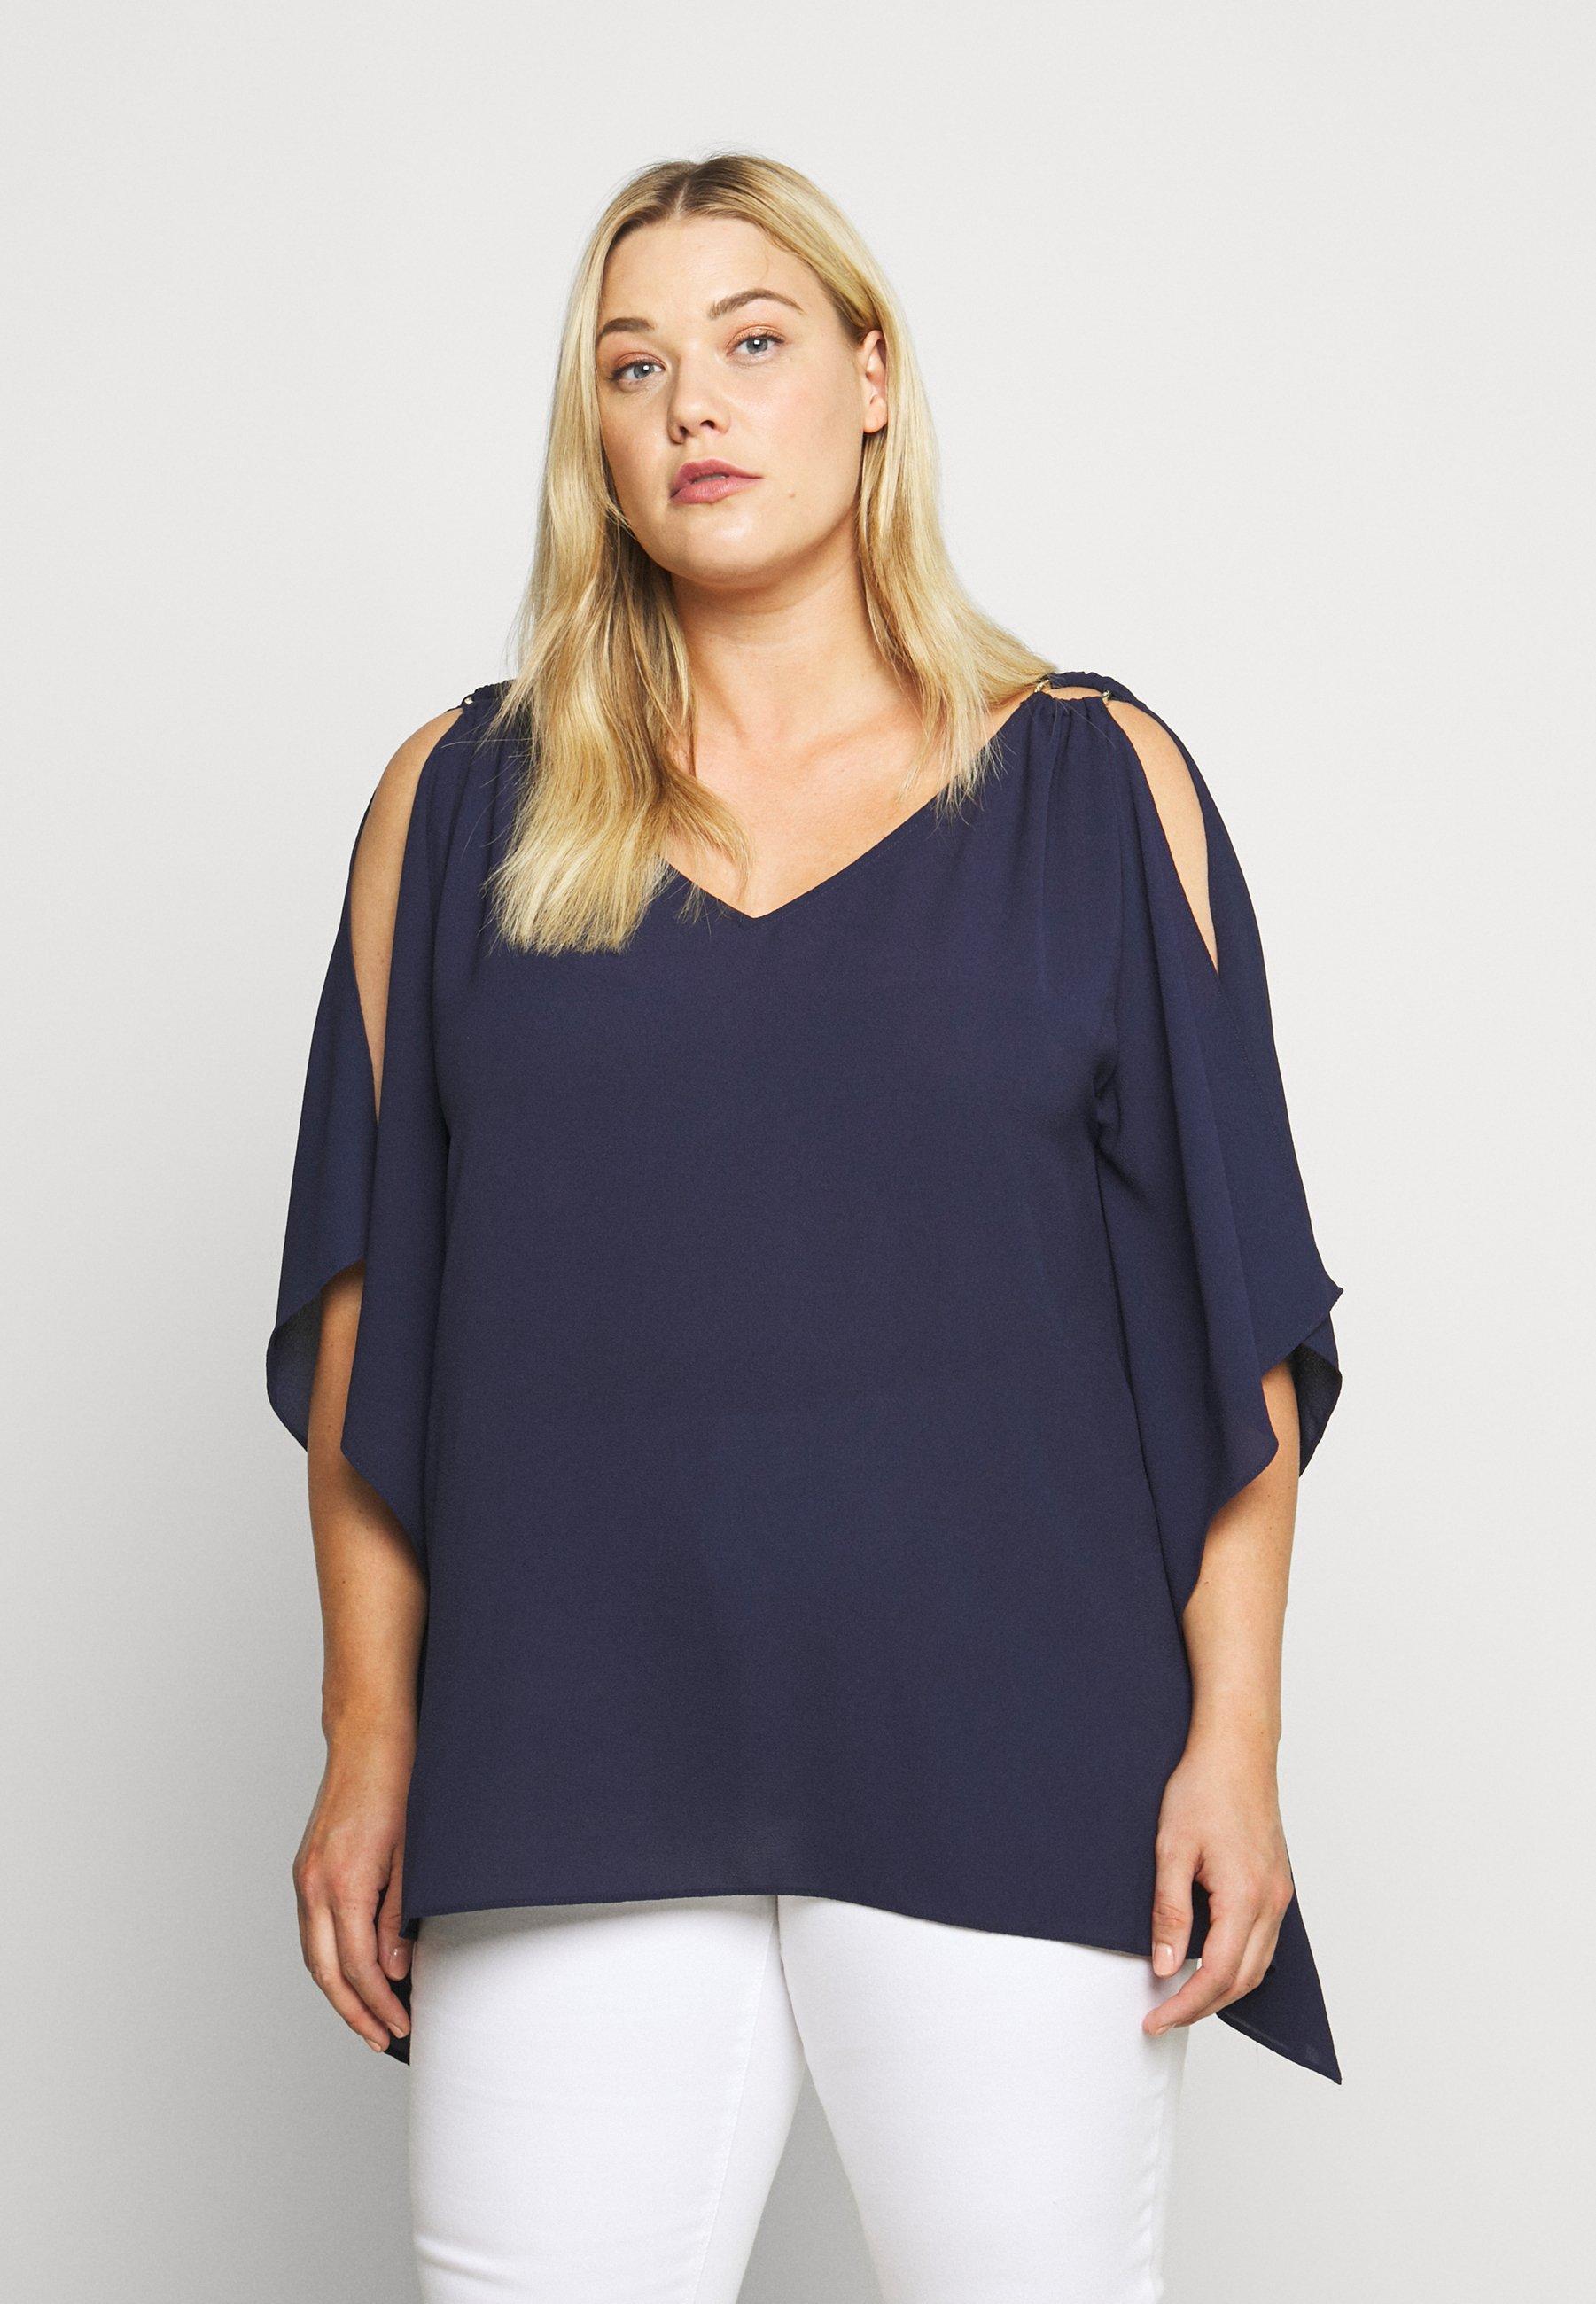 Online Shop Women's Clothing MICHAEL Michael Kors SAFFRON RING SCARF Blouse true navy gJzaj3M8P